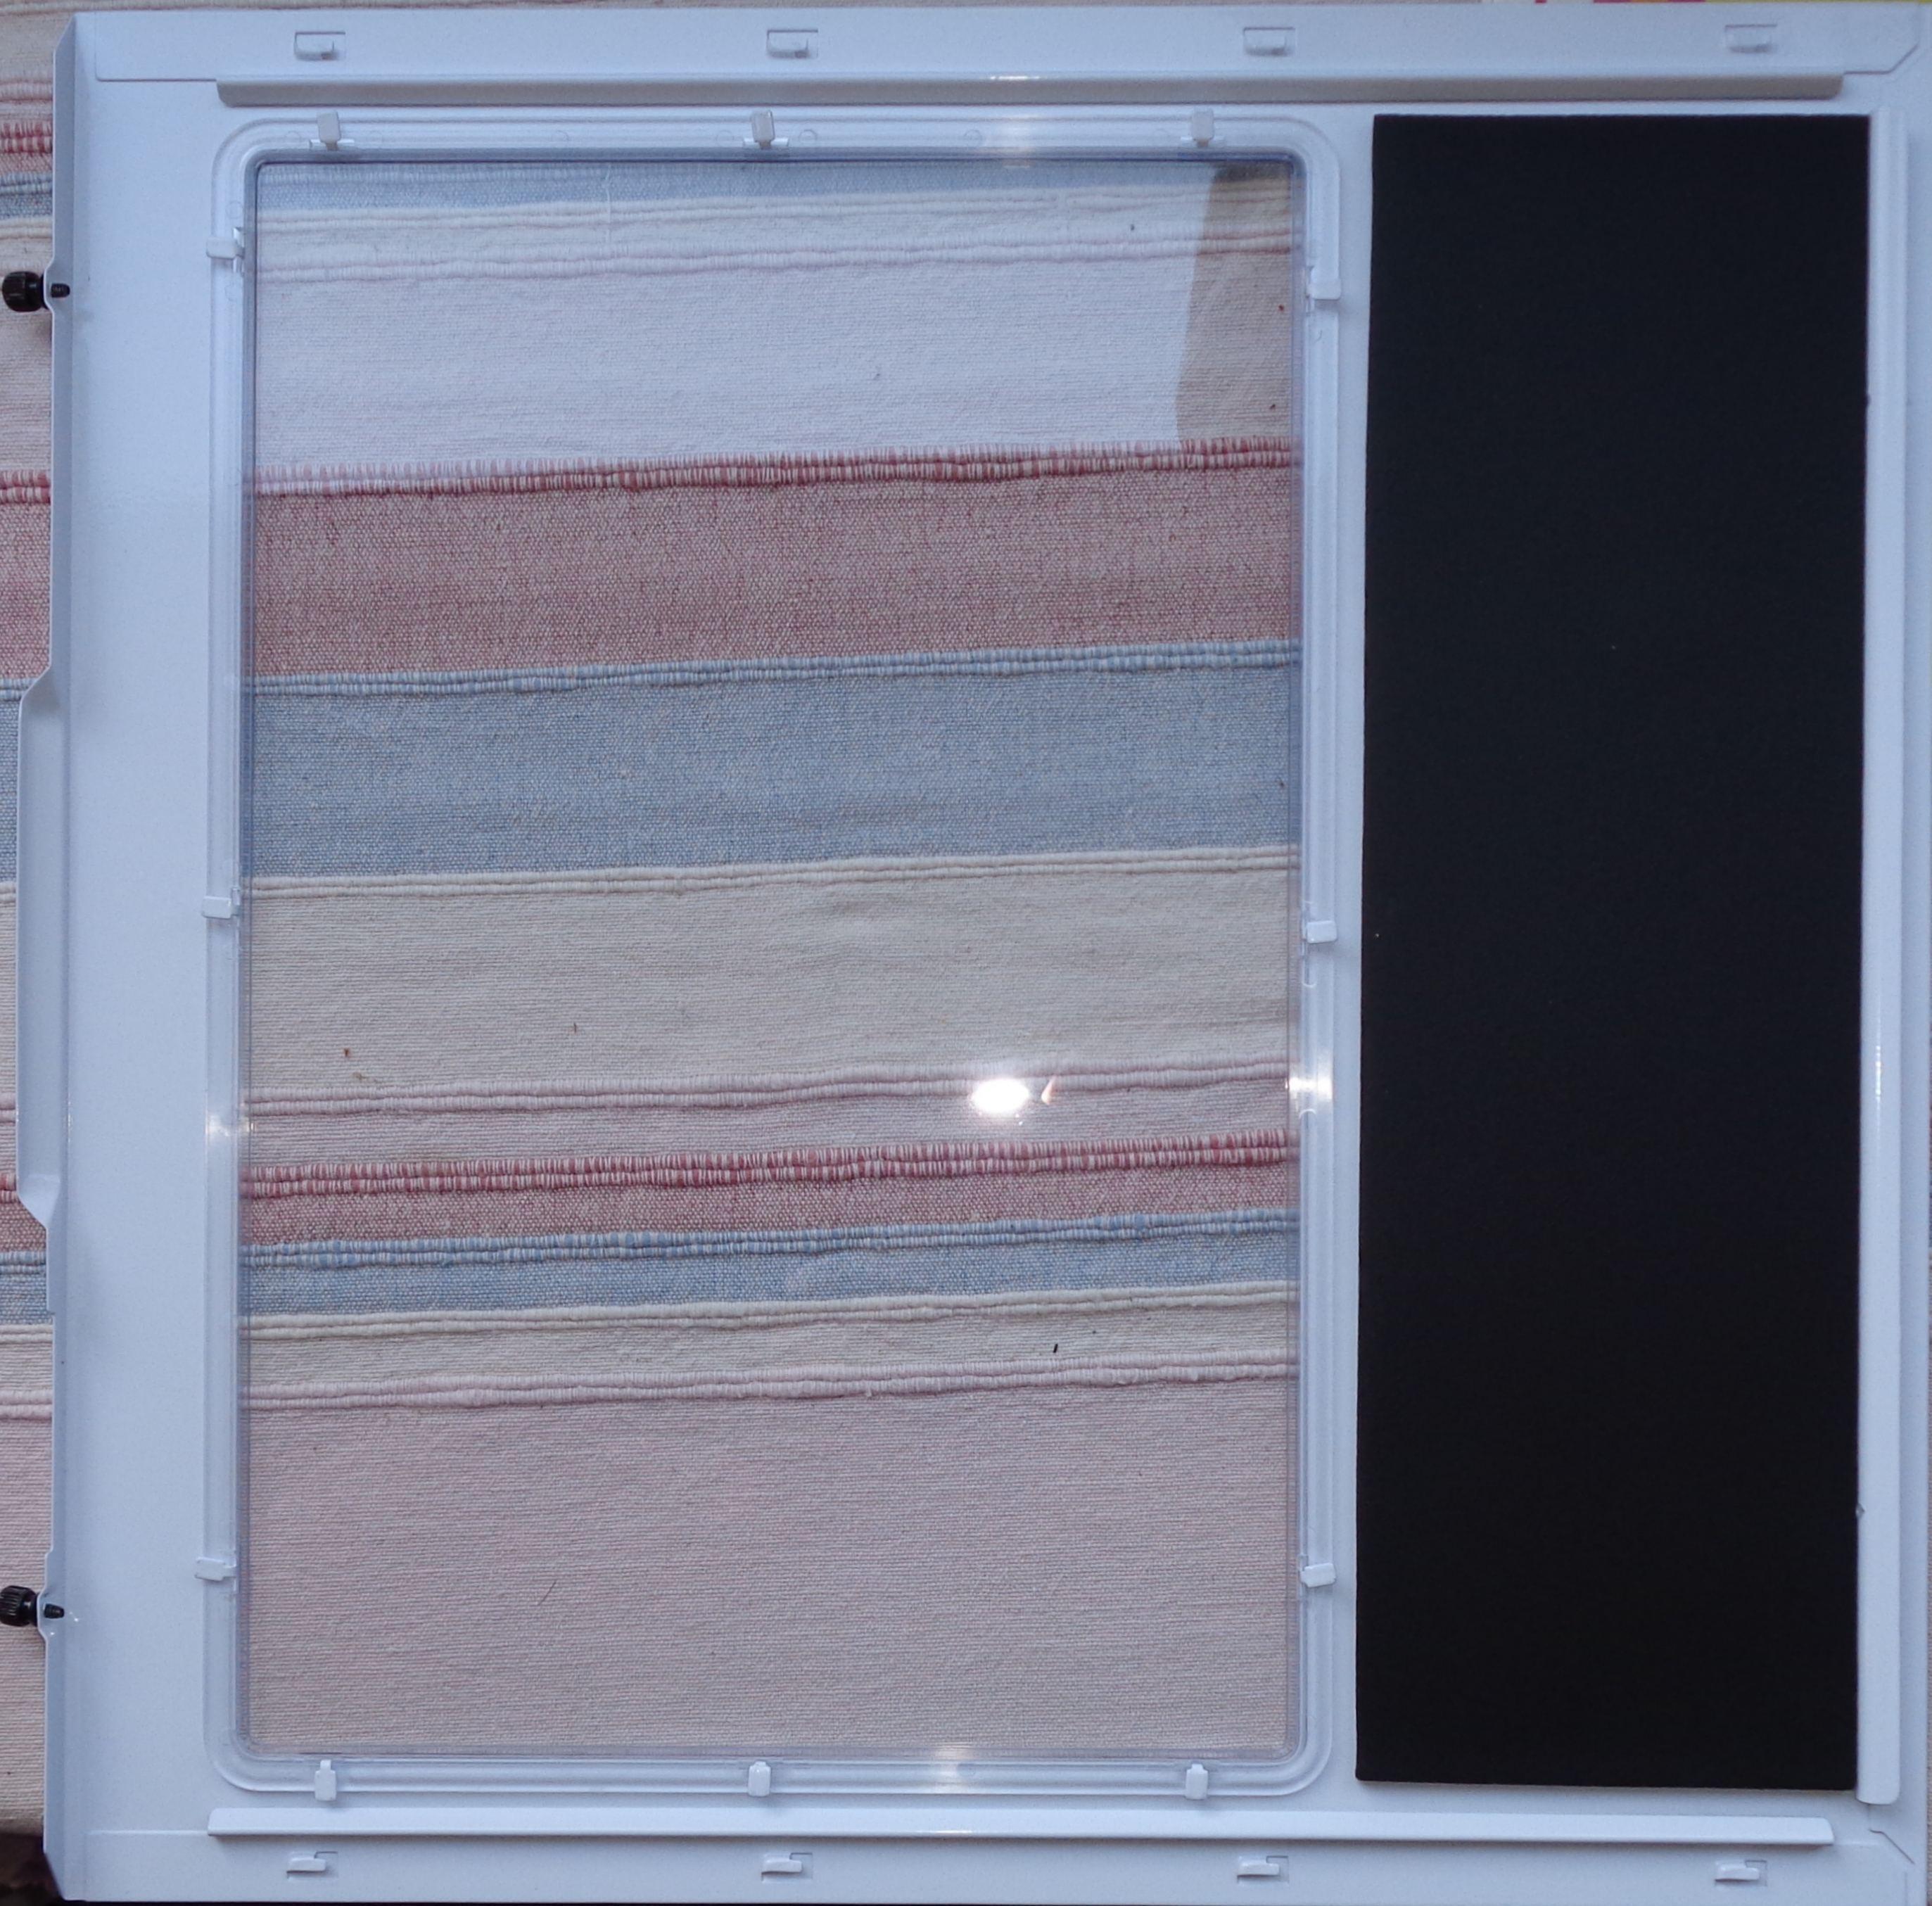 Test nzxt h440 conseil config for Porte vitre exterieur